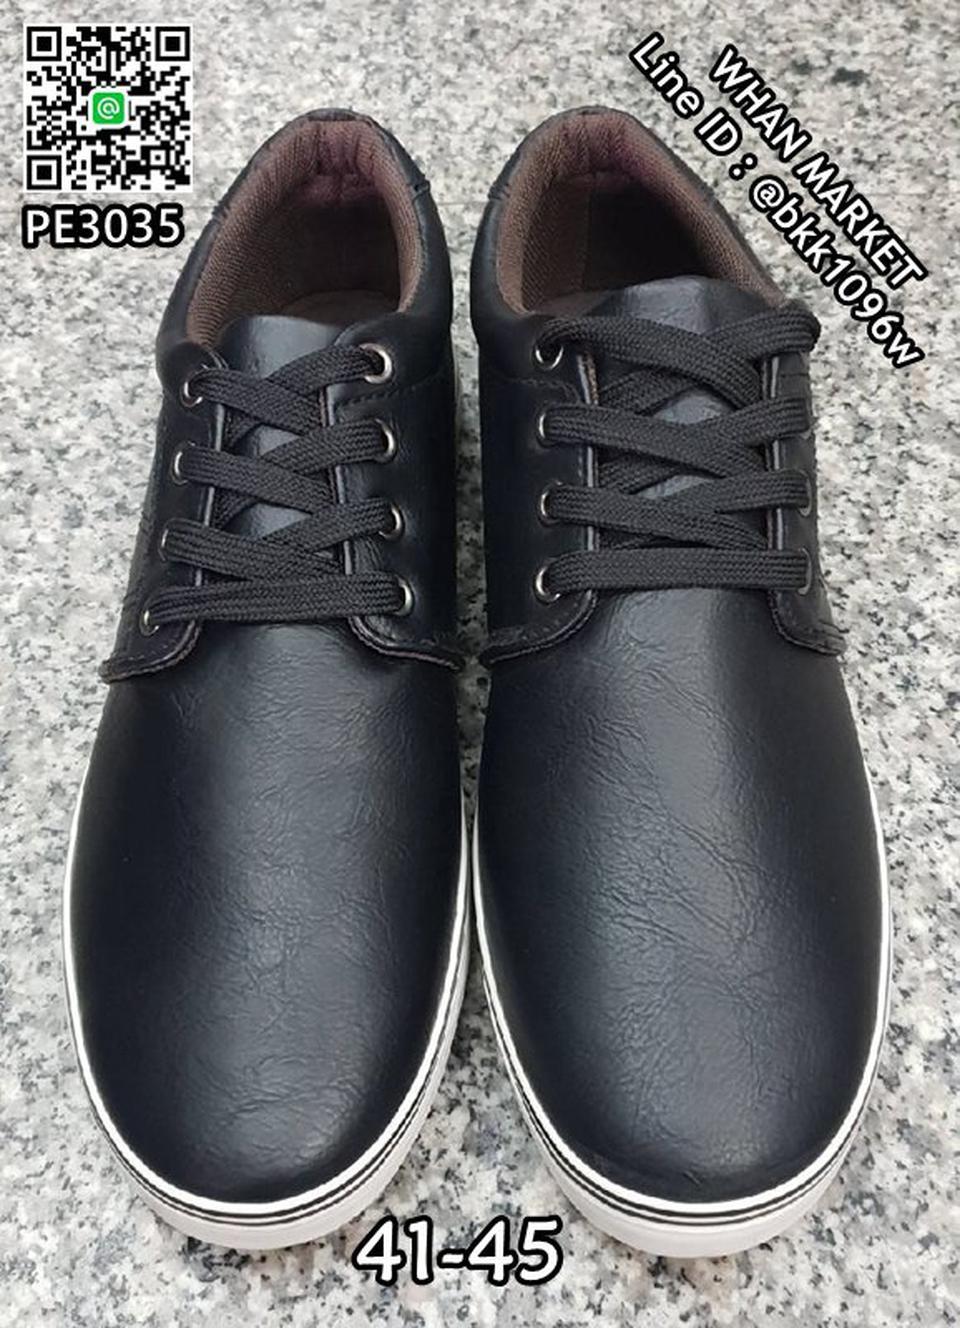 รองเท้าผ้าใบหนังผู้ชาย วัสดุหนังPU คุณภาพดี มีเชือกผูกปรับกร รูปที่ 3